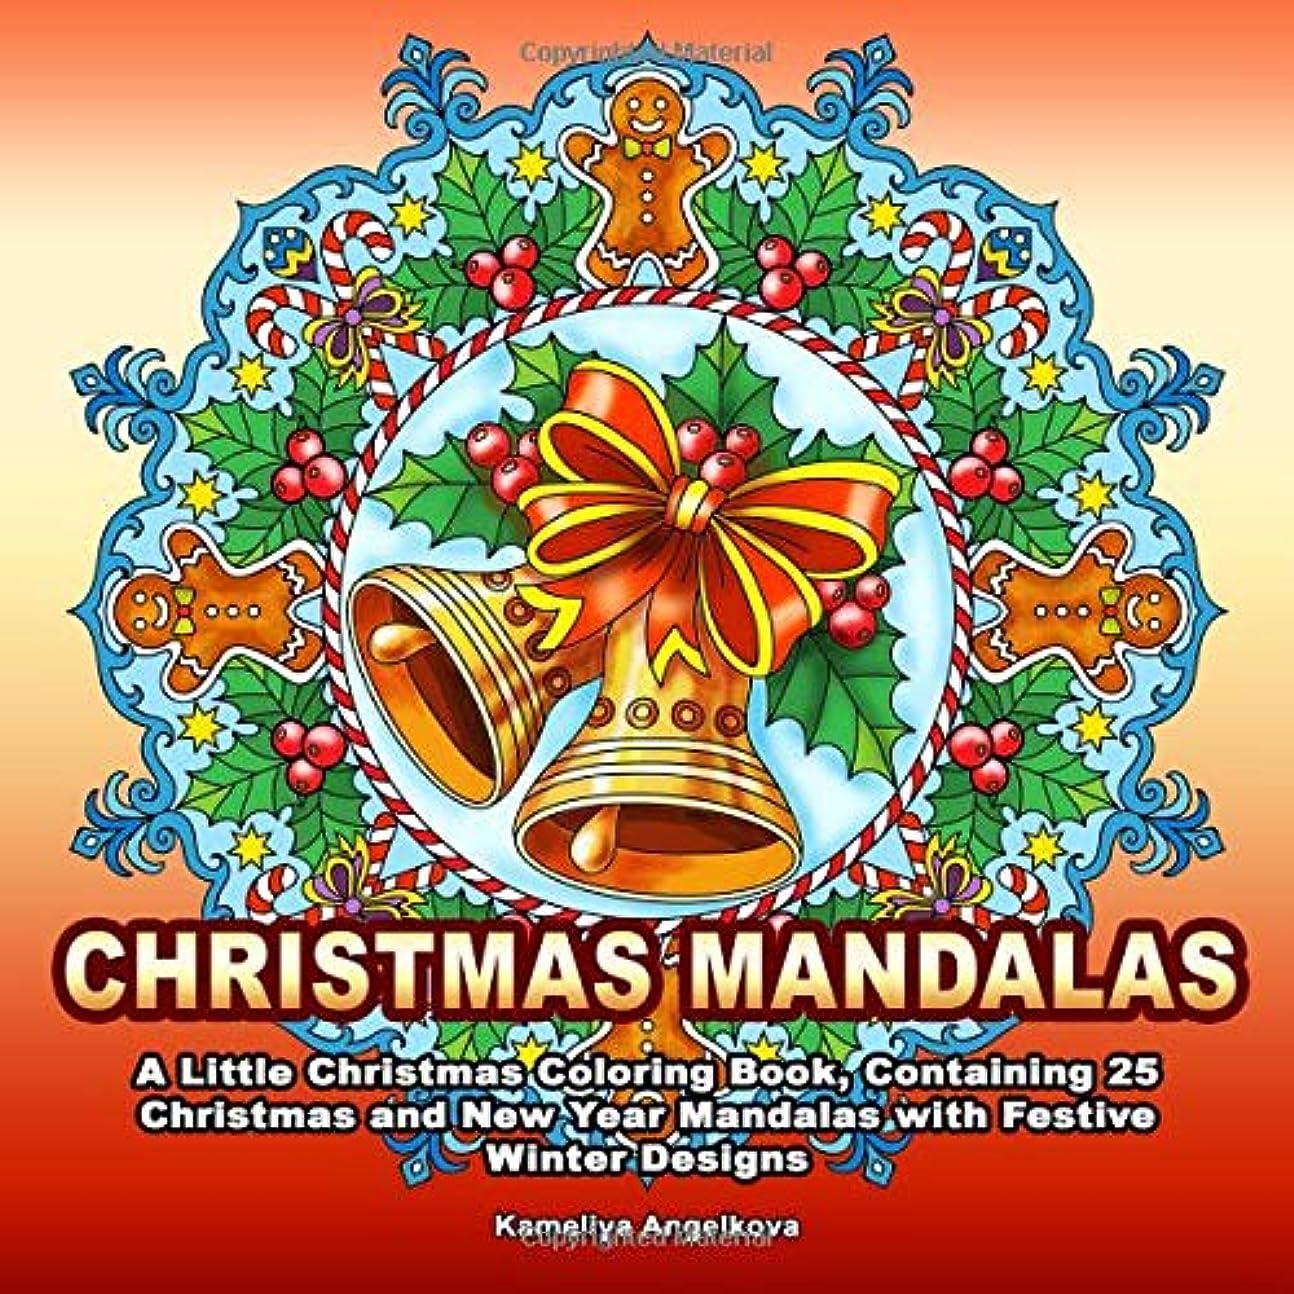 拘束する溶融浸漬CHRISTMAS MANDALAS: A Little Christmas Coloring Book, Containing 25 Christmas and New Year Mandalas with Festive Winter Designs